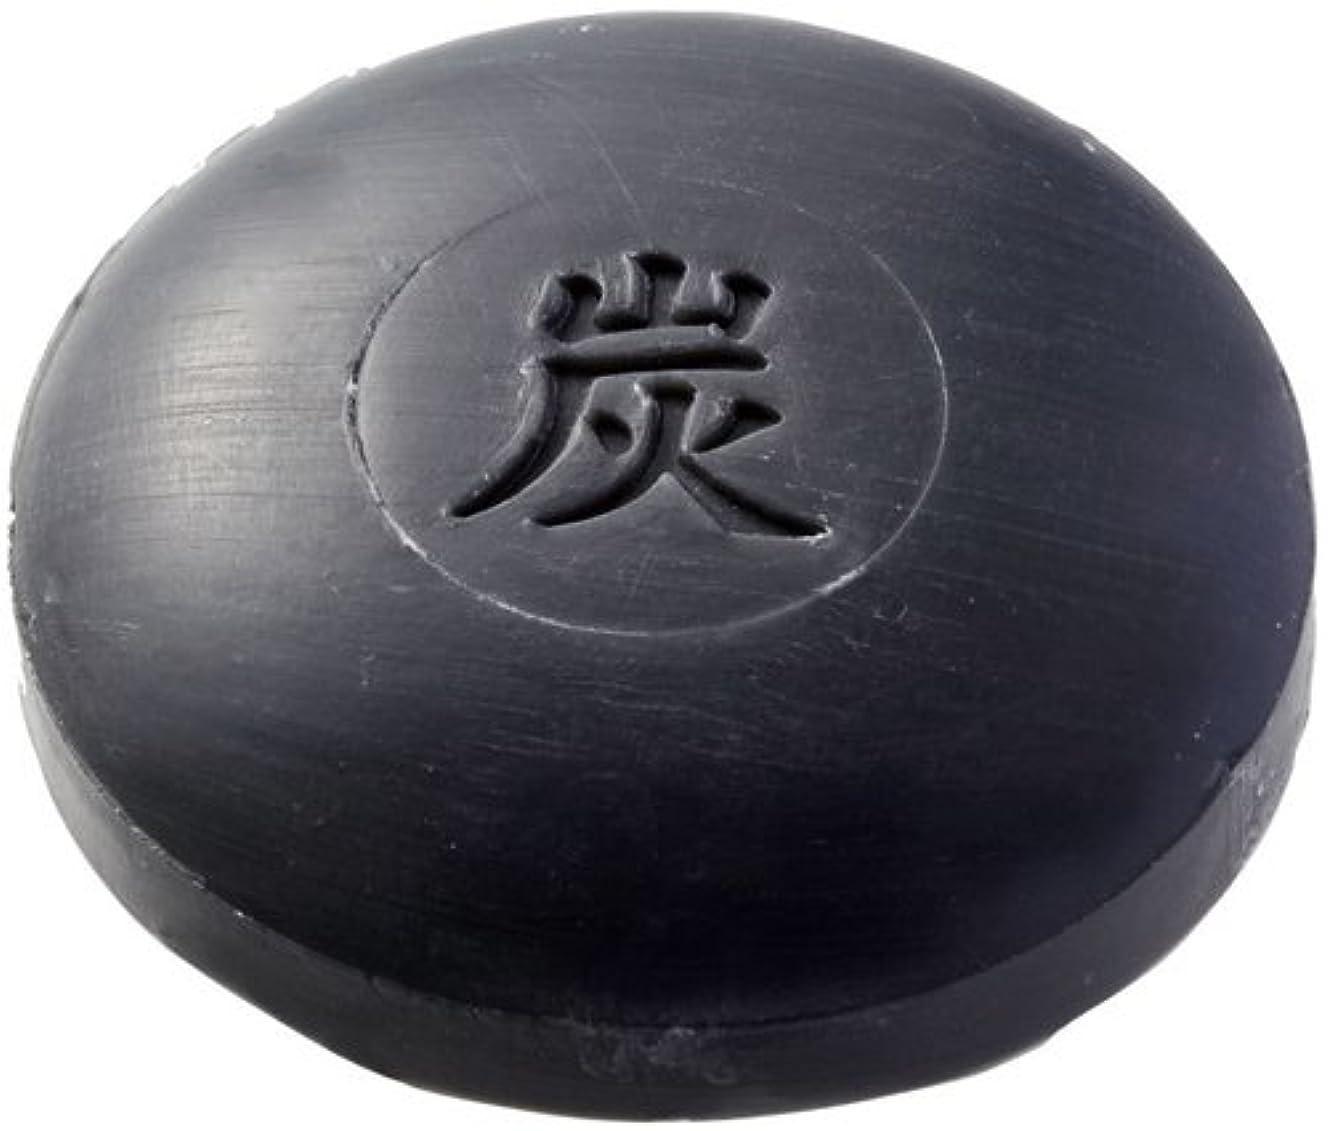 グレーパイロット祖先和み庵 石けん(炭石けん) 30g×1個